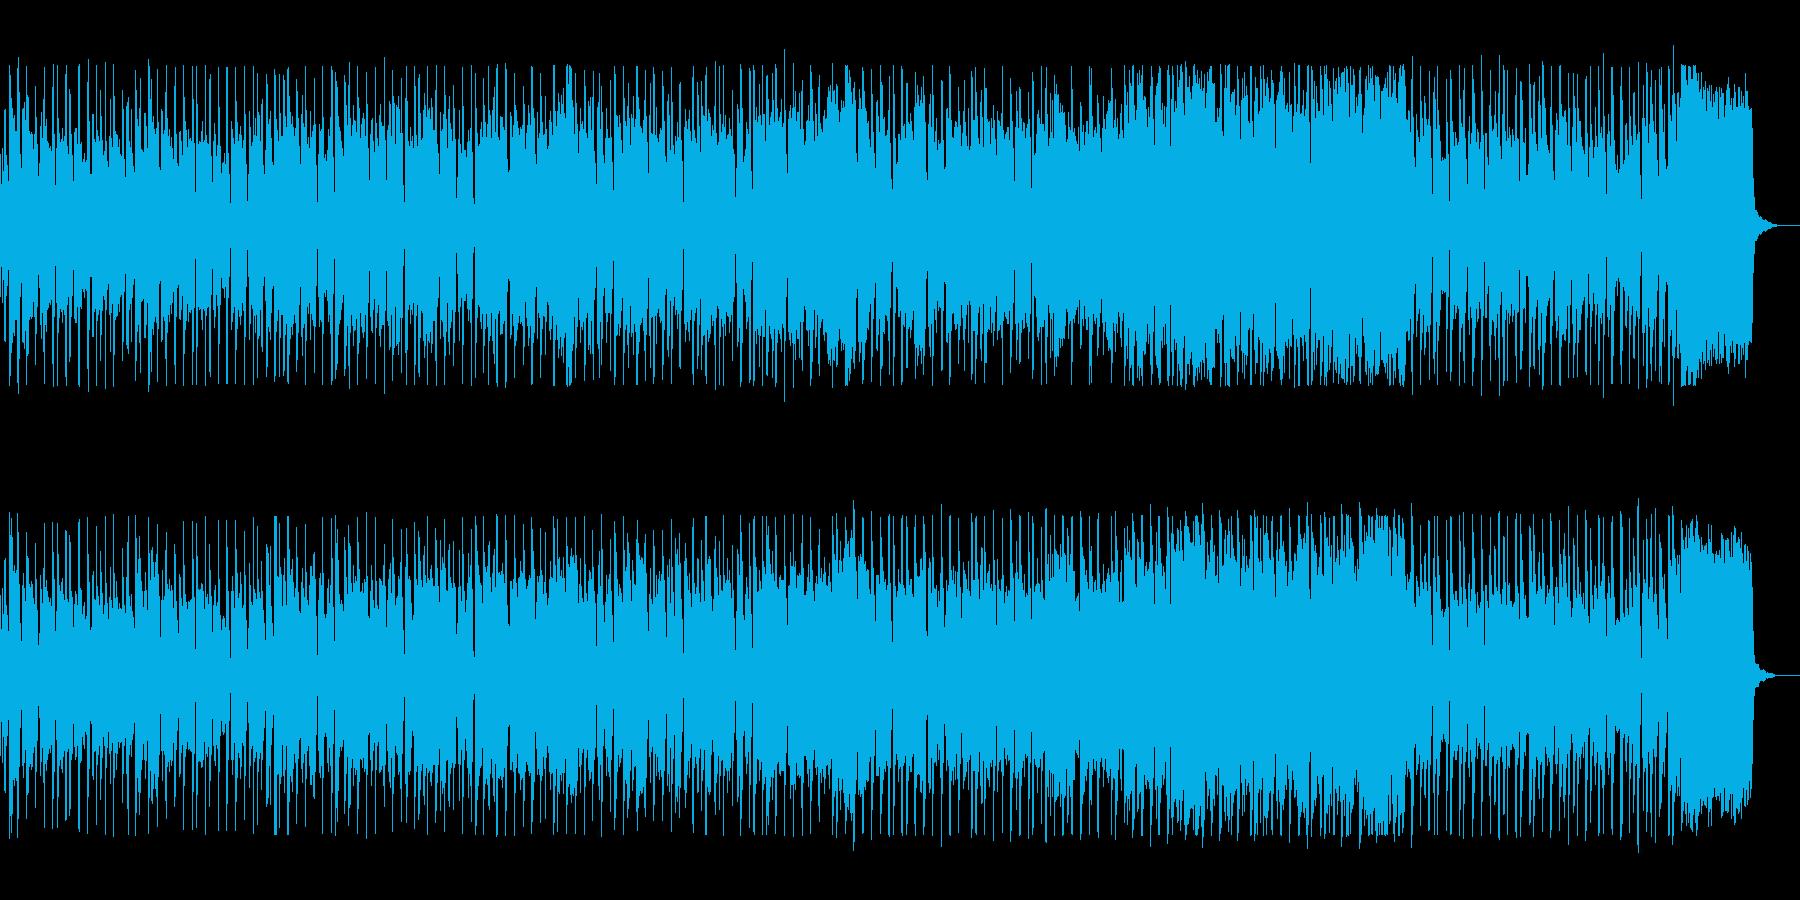 シンセの明るいアップテンポなポップスの再生済みの波形